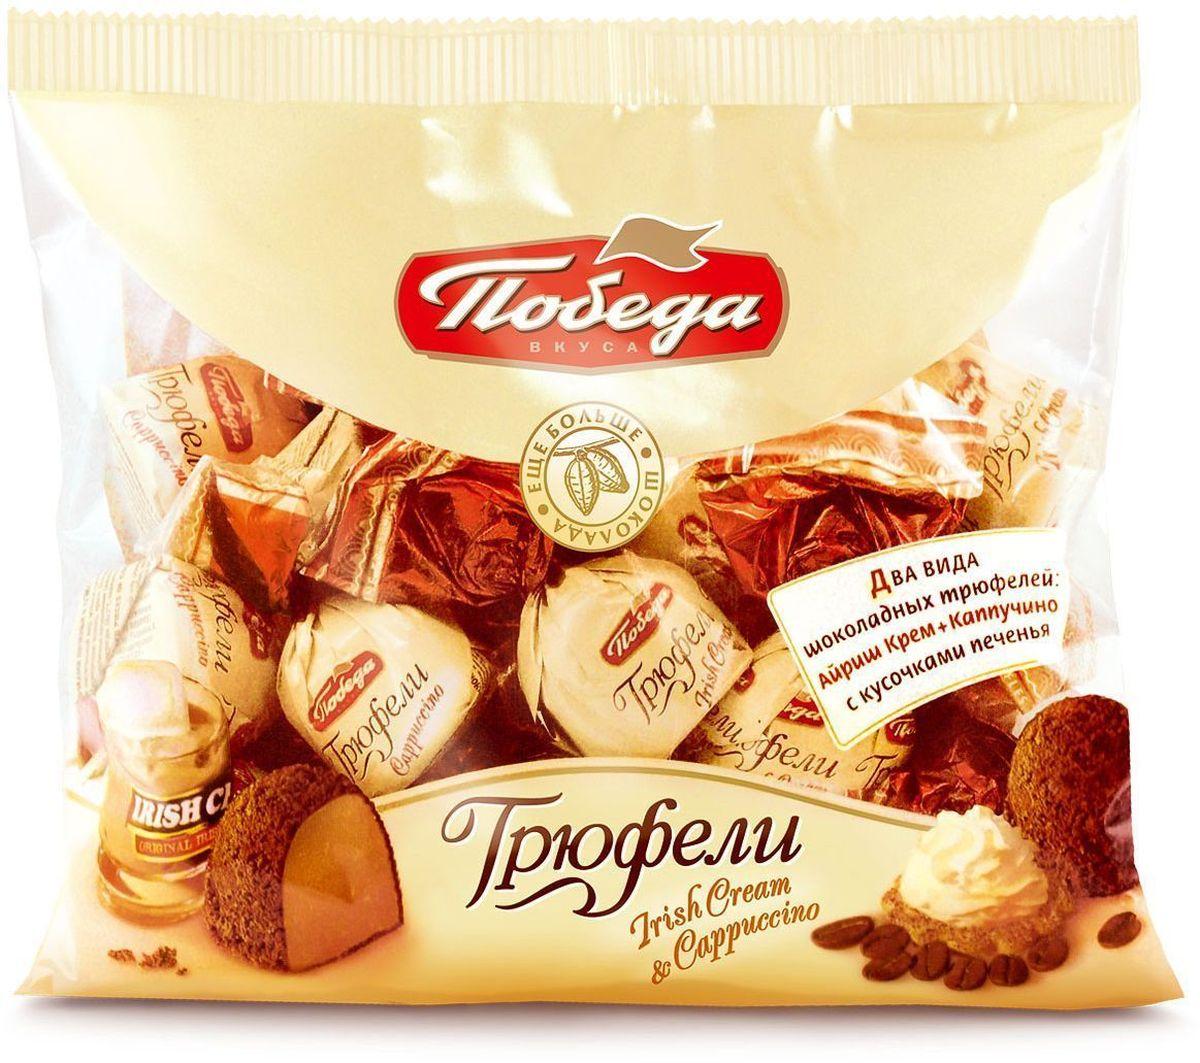 Победа вкуса Трюфели Айриш Крем + Капучино два вида шоколадных трюфелей с кусочками печенья, 200 г baron французские трюфели с кусочками малины 100 г